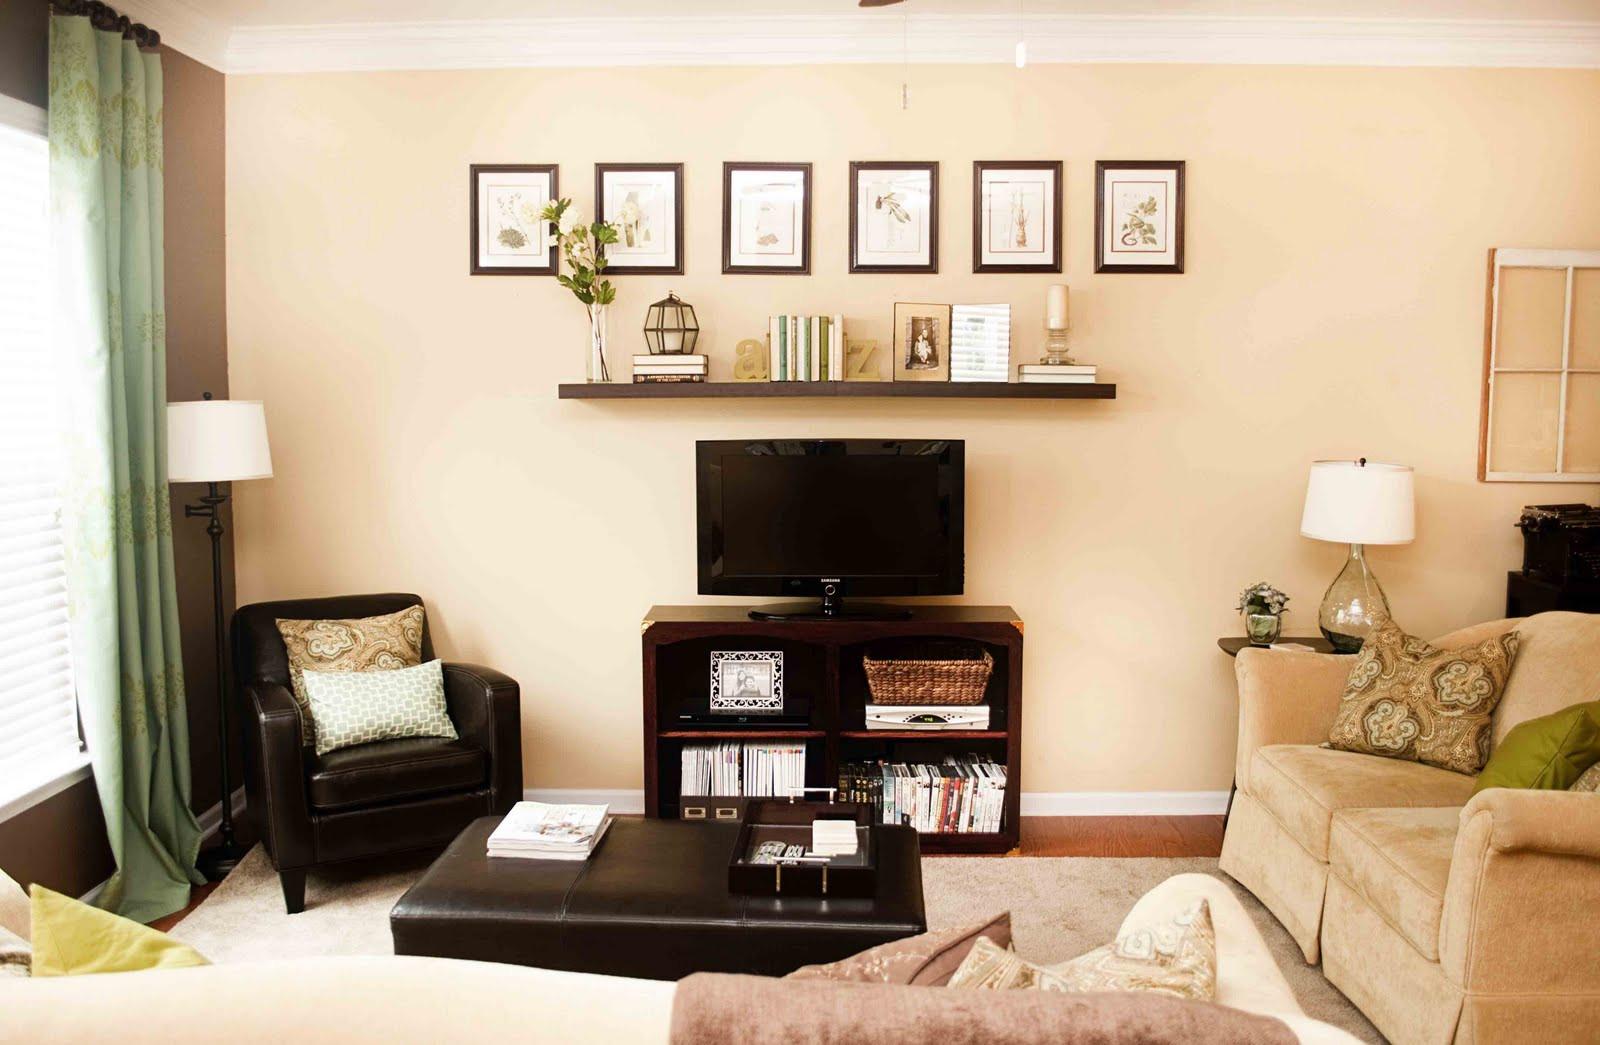 Nice, casual living room